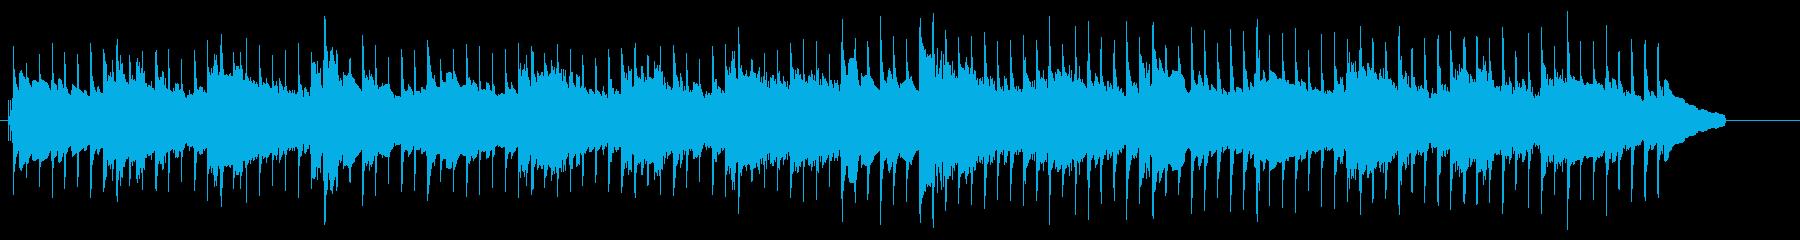 エレピと木琴の柔らかなミニマルポップの再生済みの波形